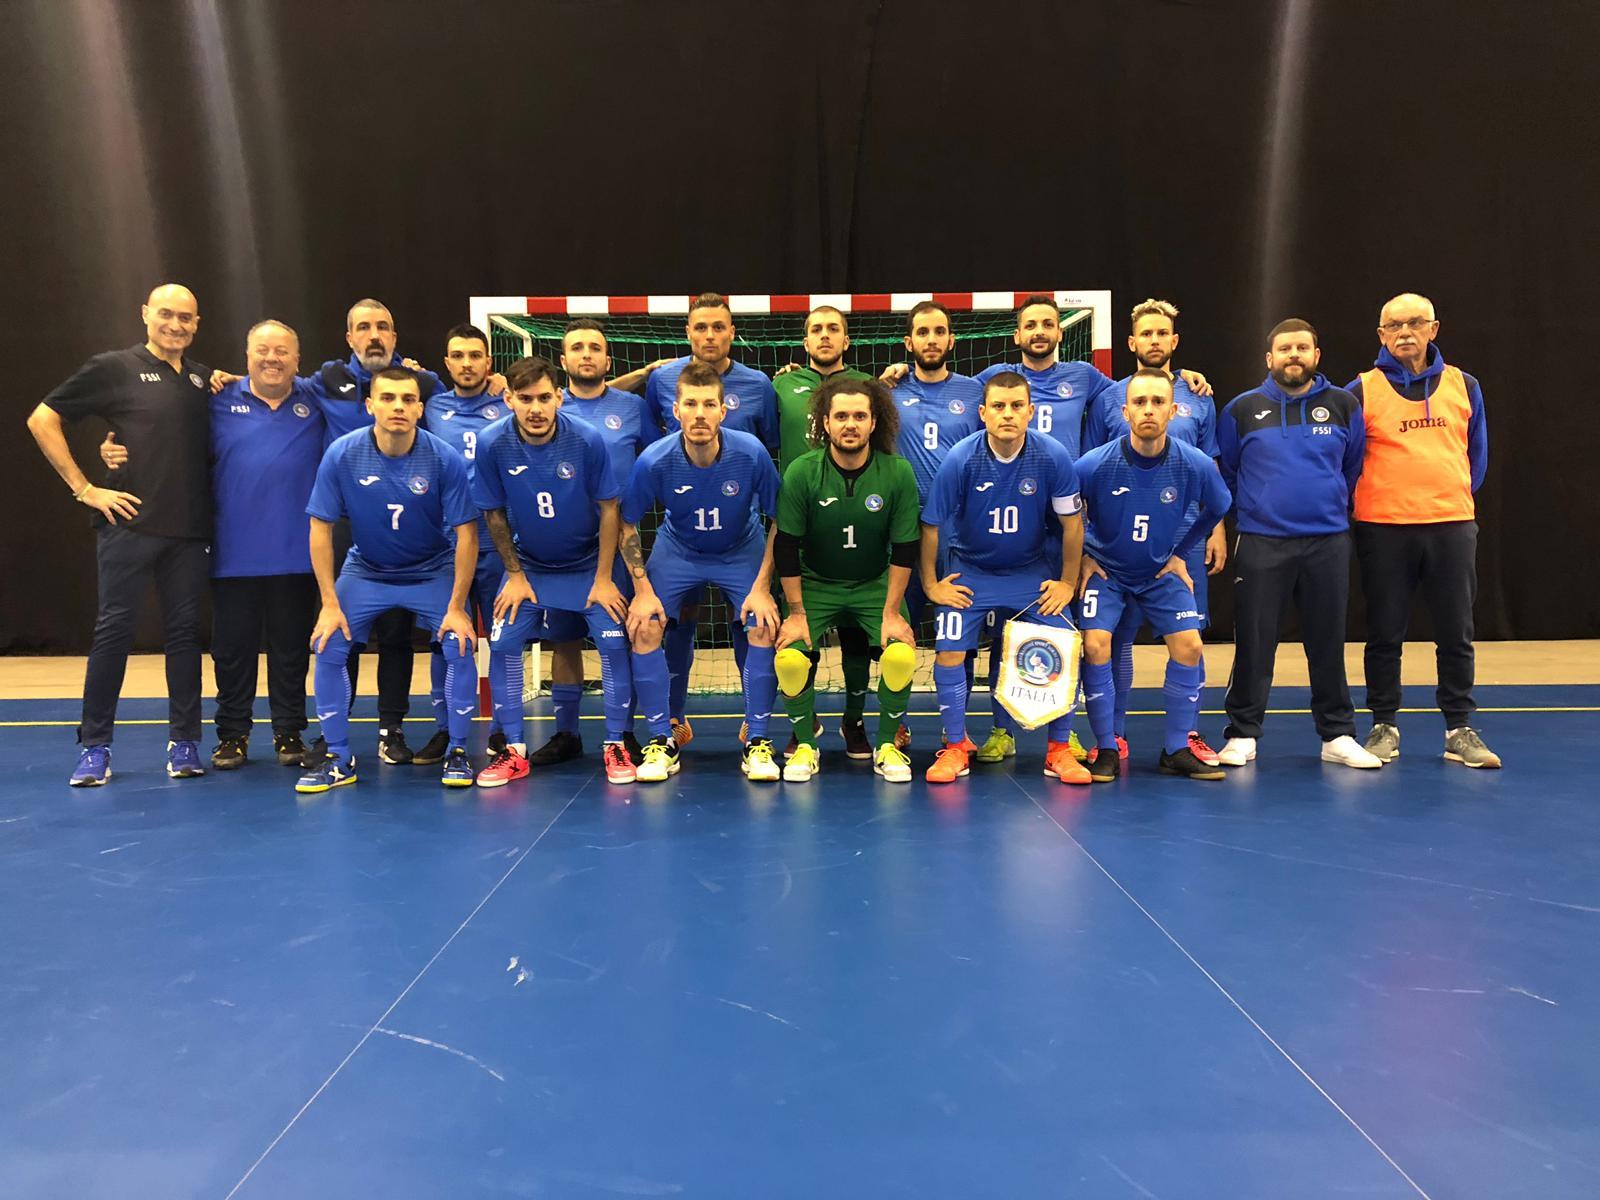 5° Campionato Europeo di Futsal a Tampere. Italia vs Russia 1-4